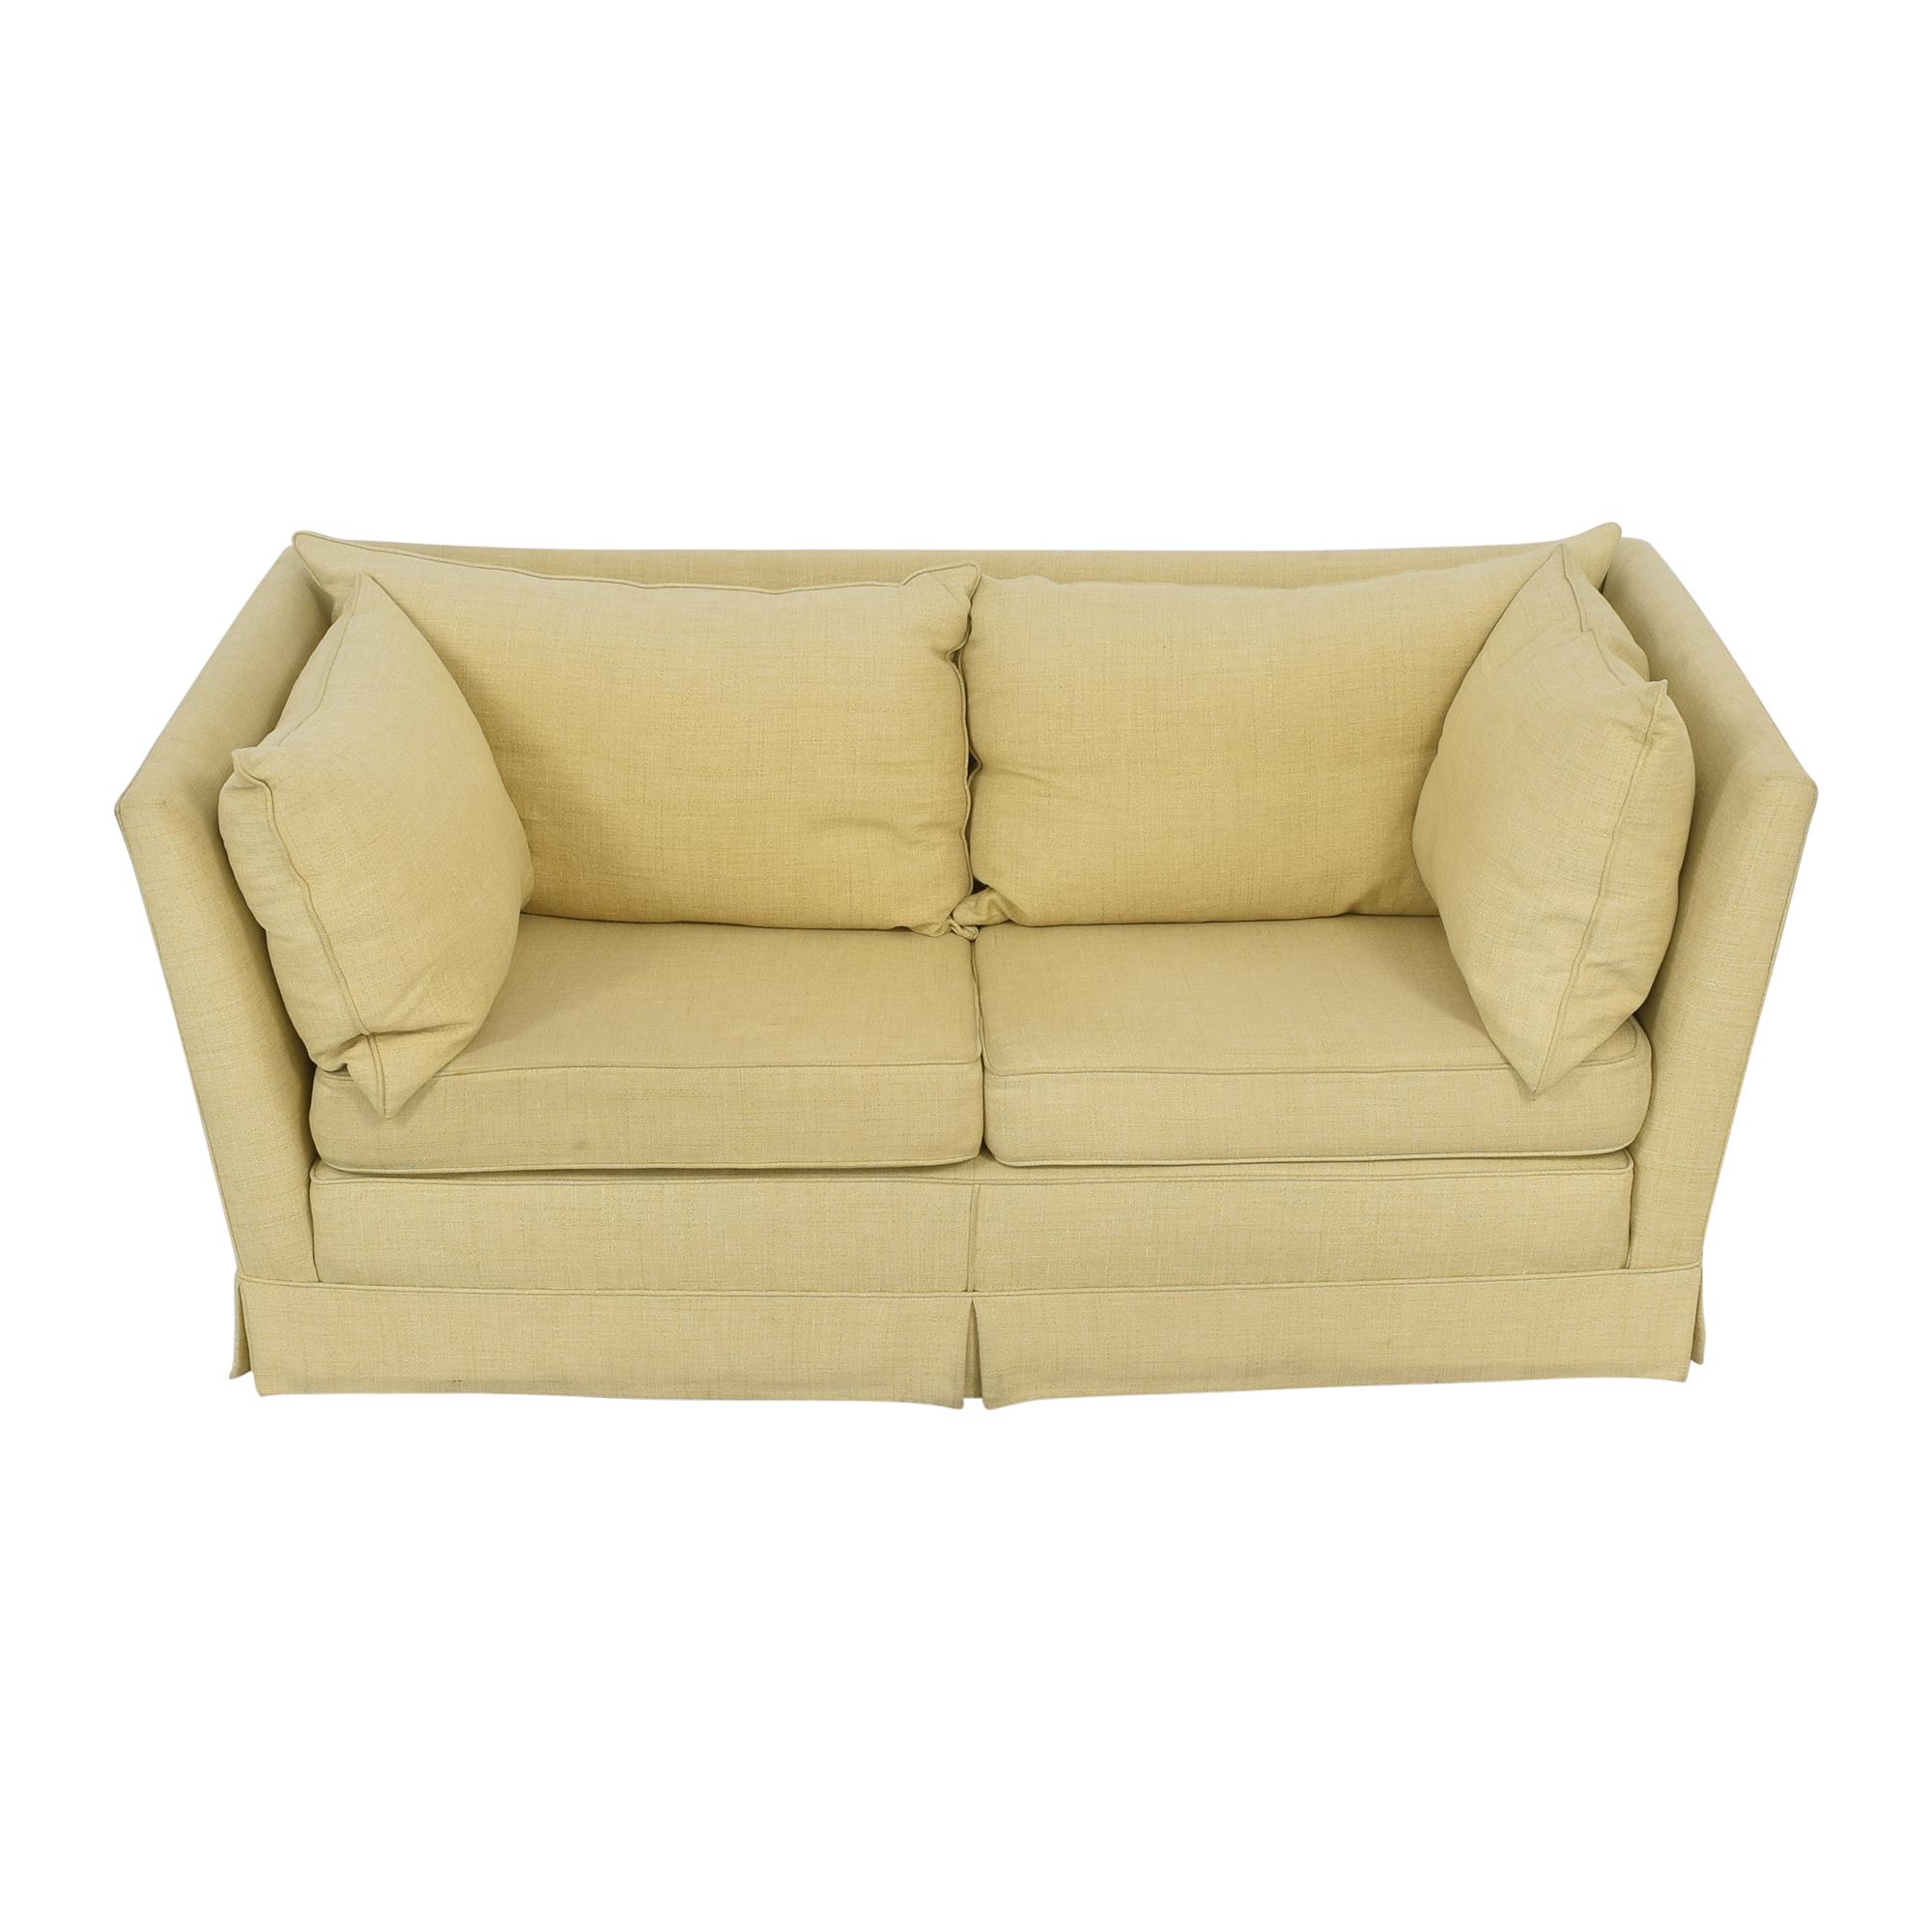 buy Custom Upholstered Shelter Arm Sofa